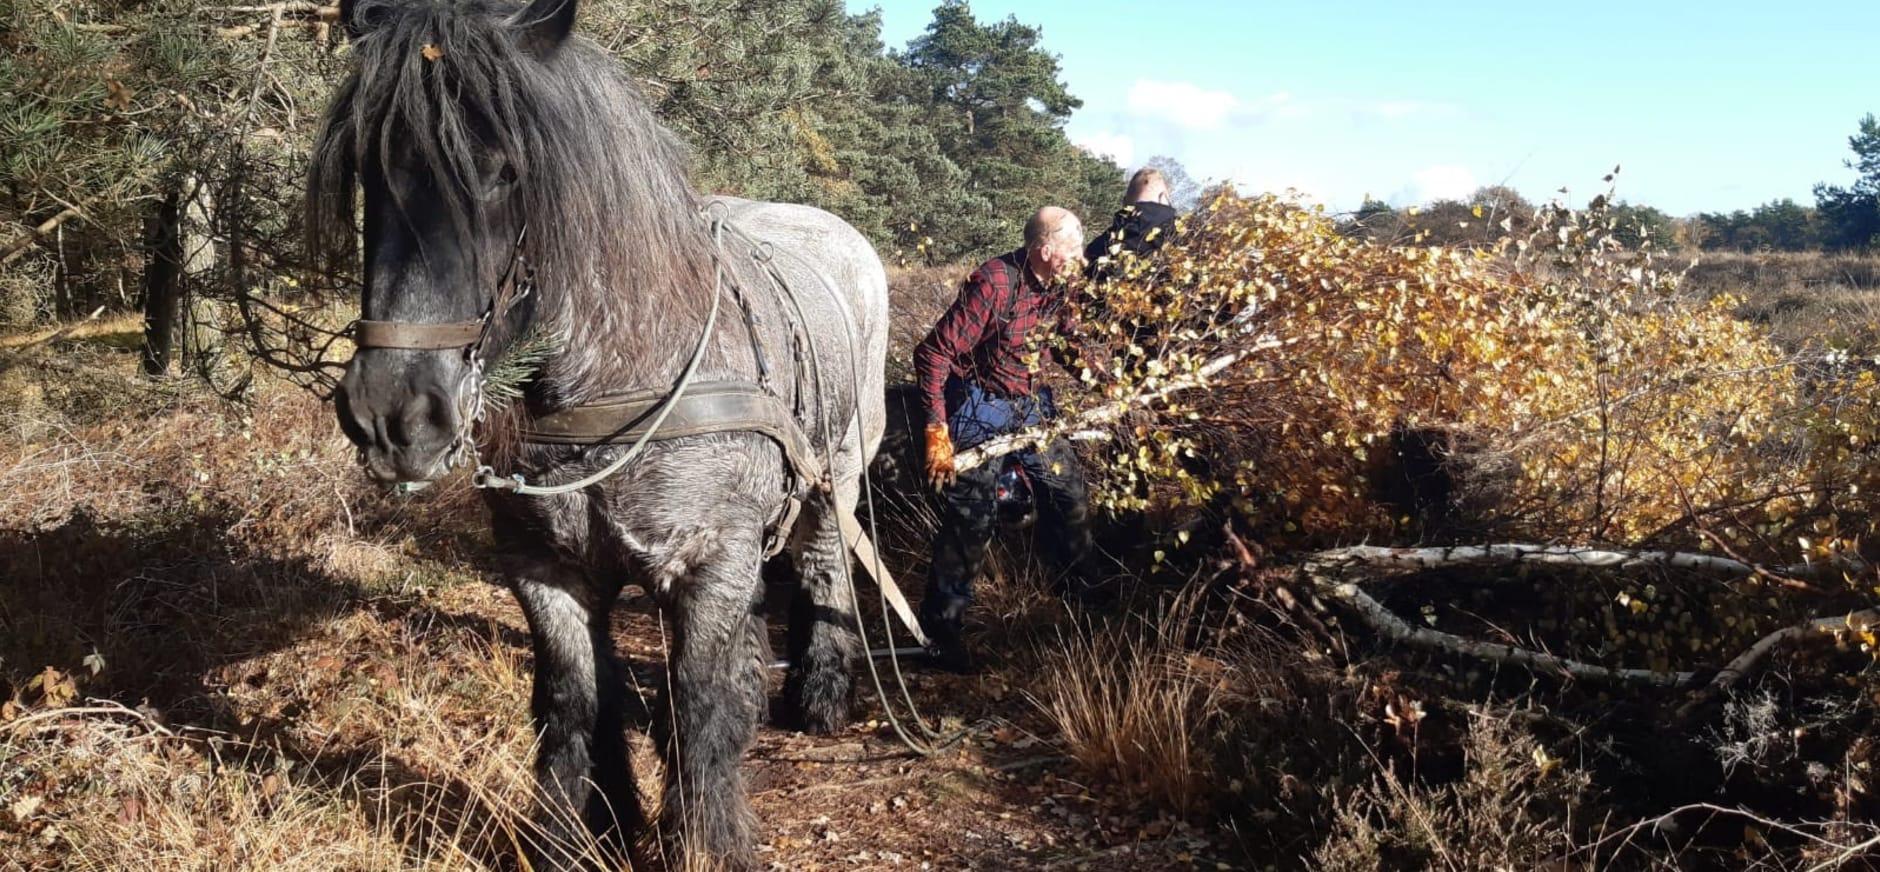 Werkpaarden aan de slag op de hei in natuurgebied Planken Wambuis